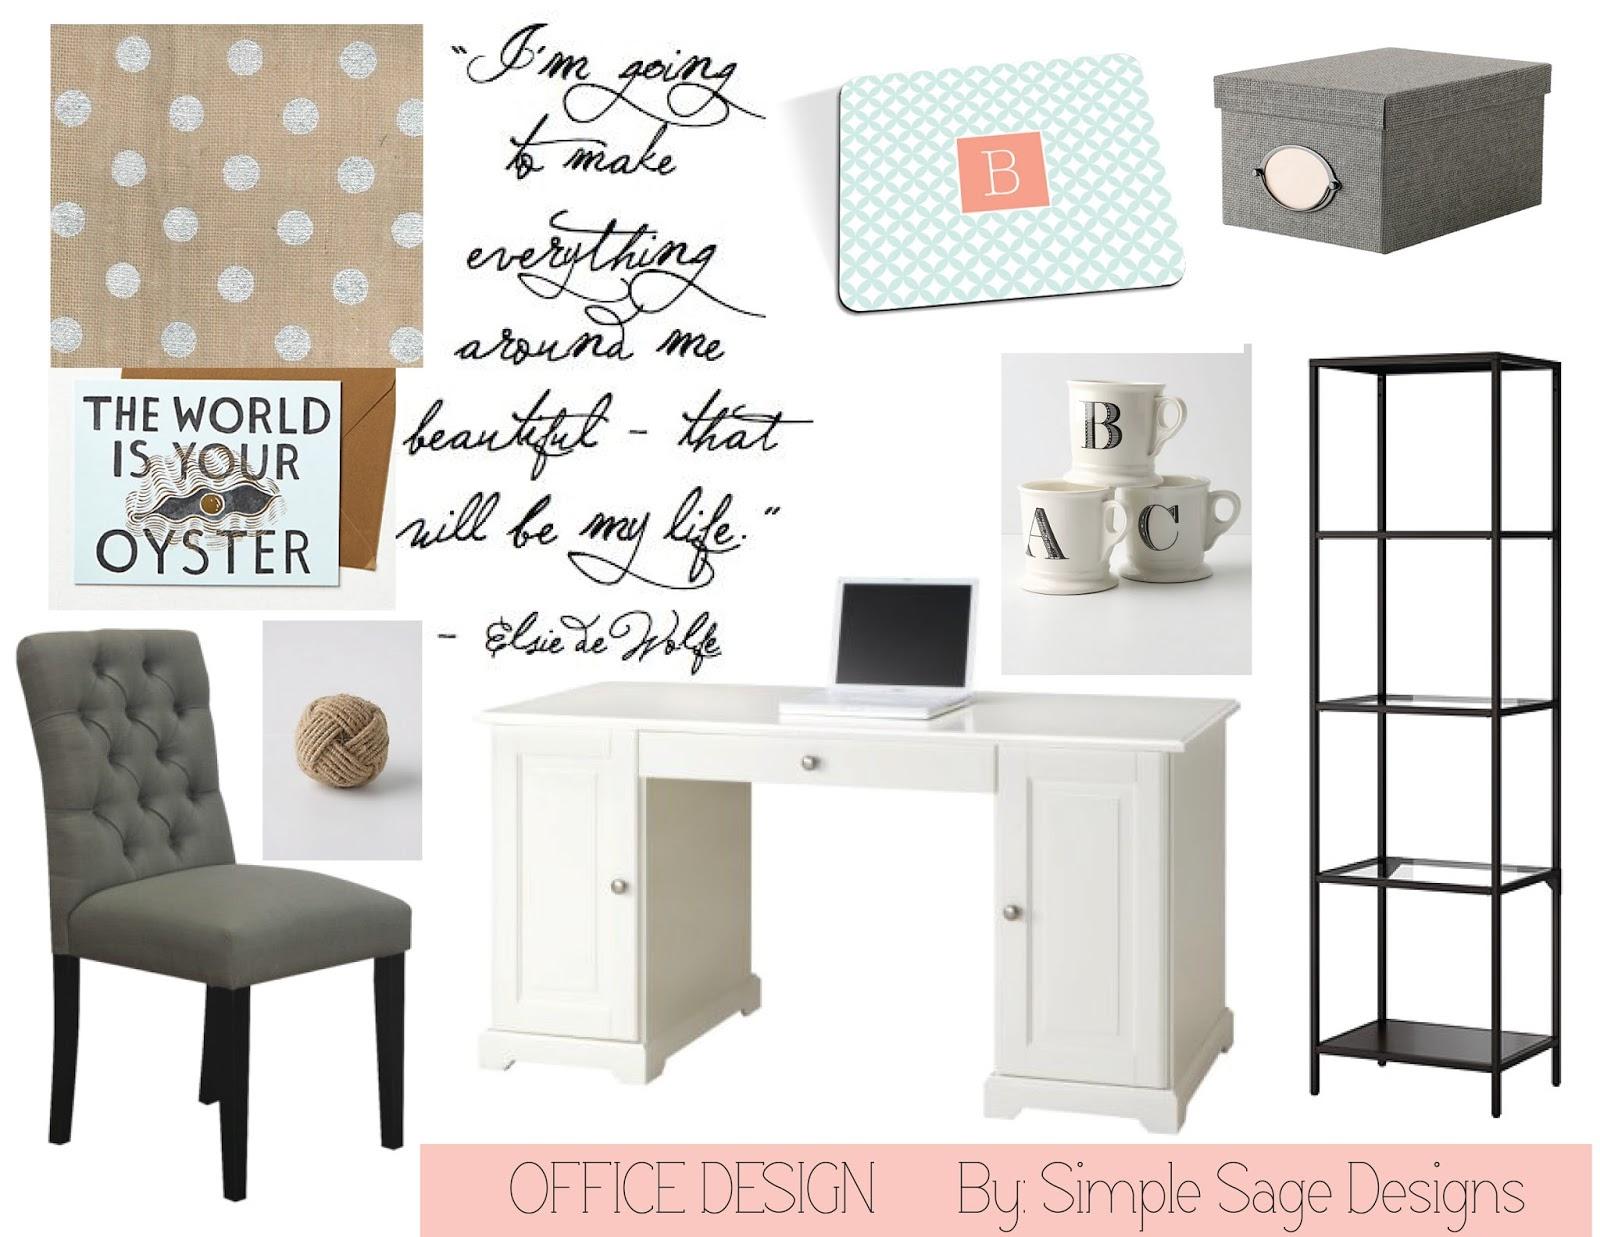 Simple sage designs design portfolio for Bathroom design portfolio